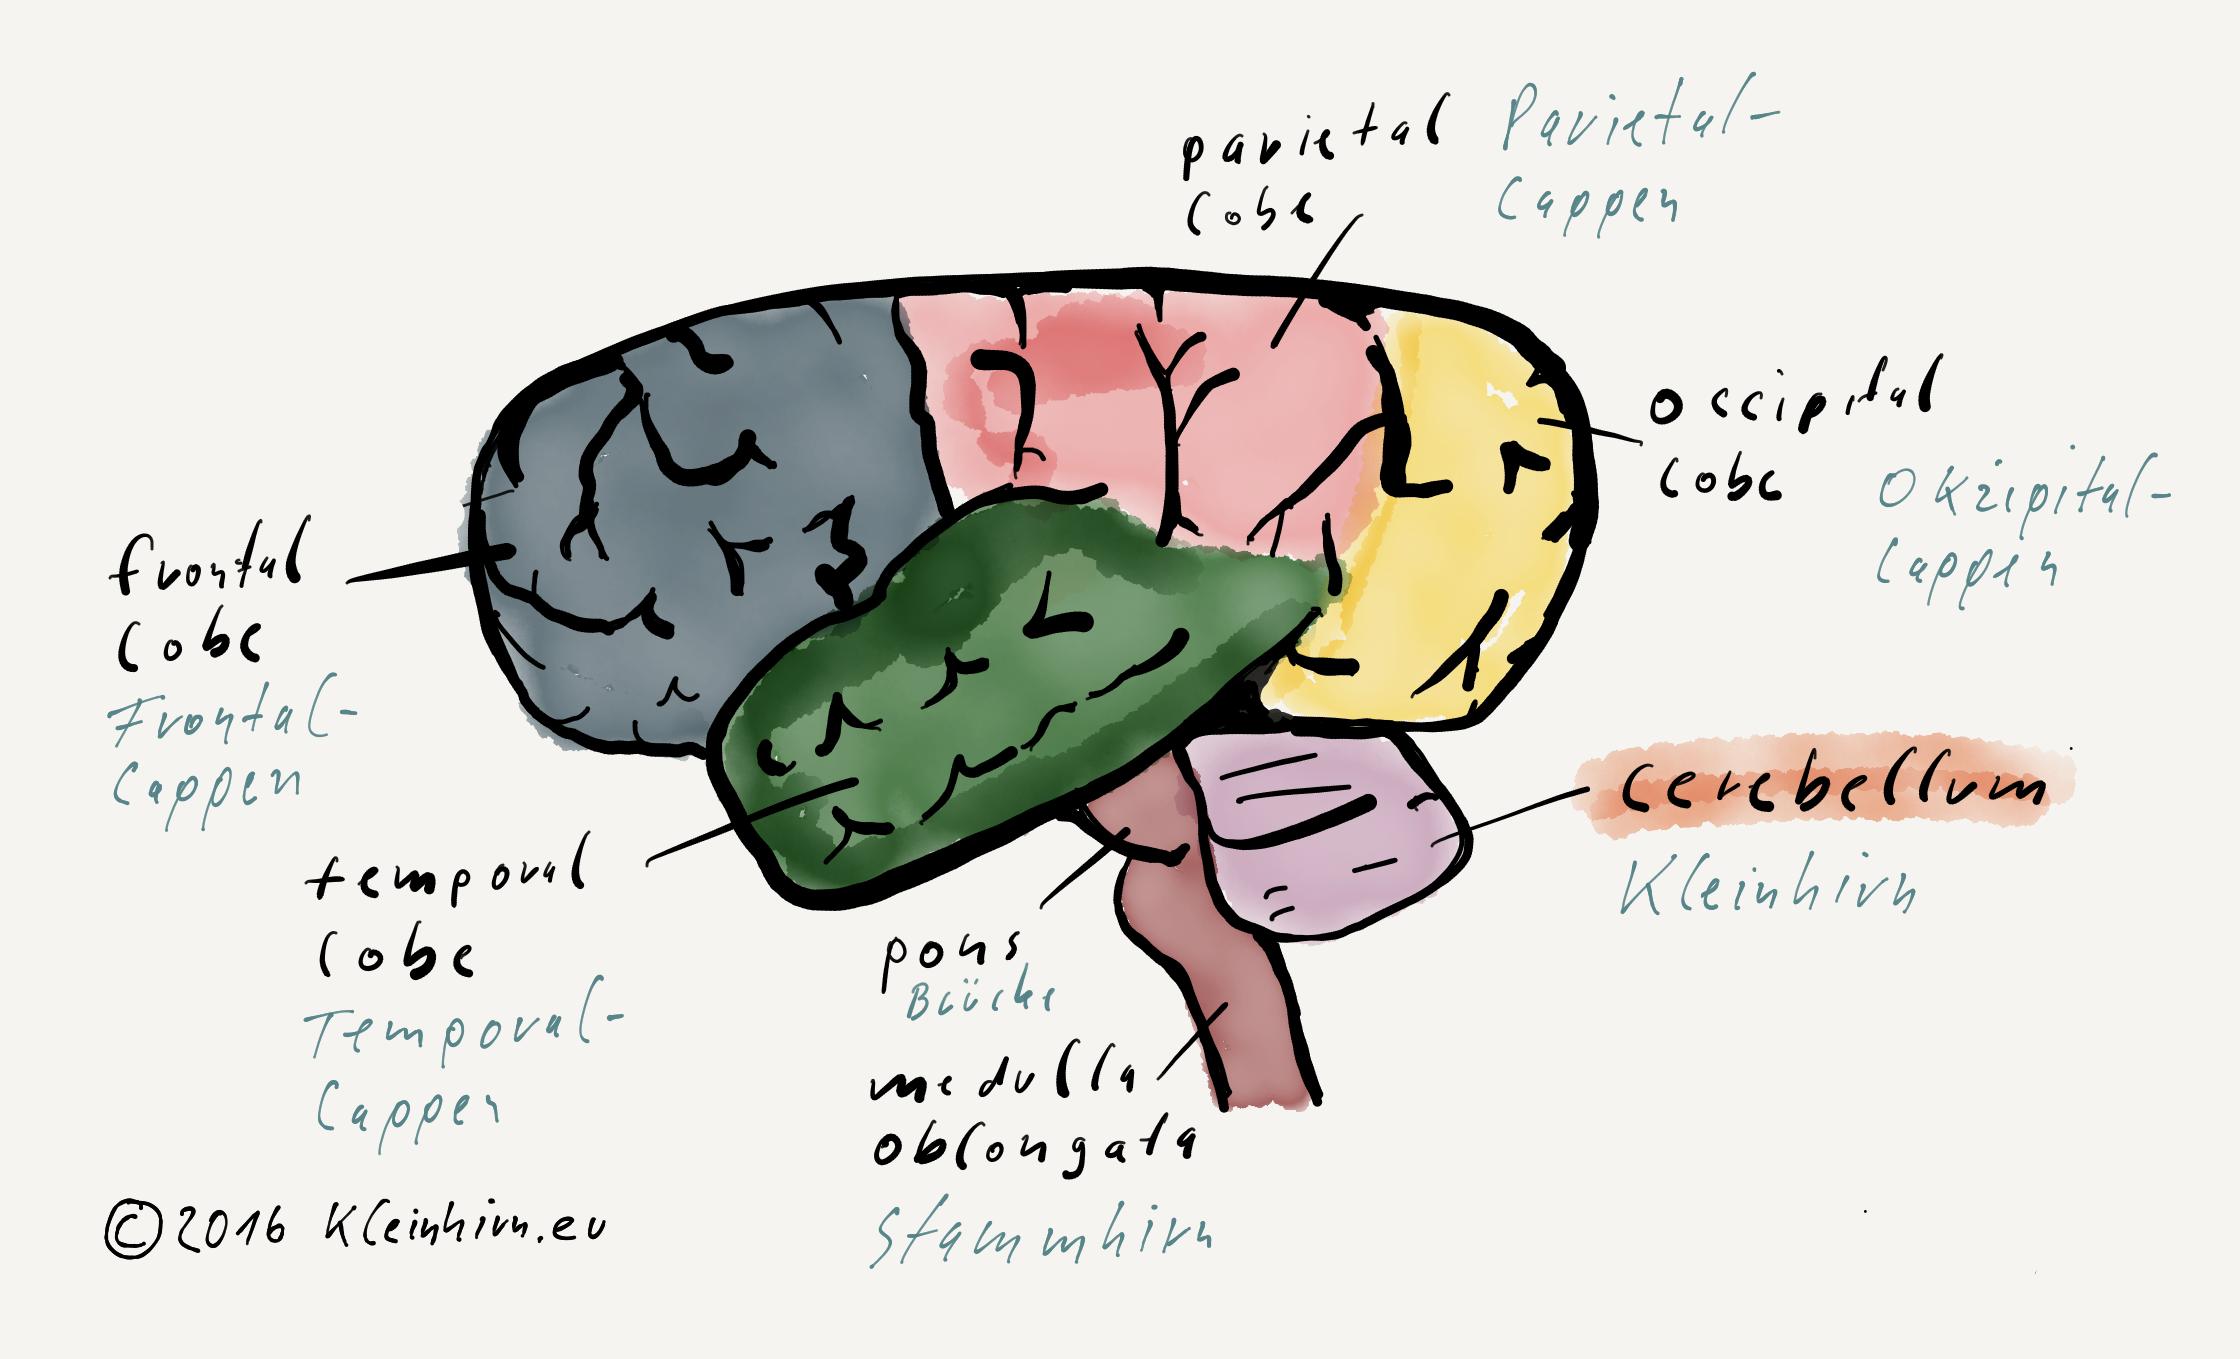 Cerebellum - Das Kleinhirn